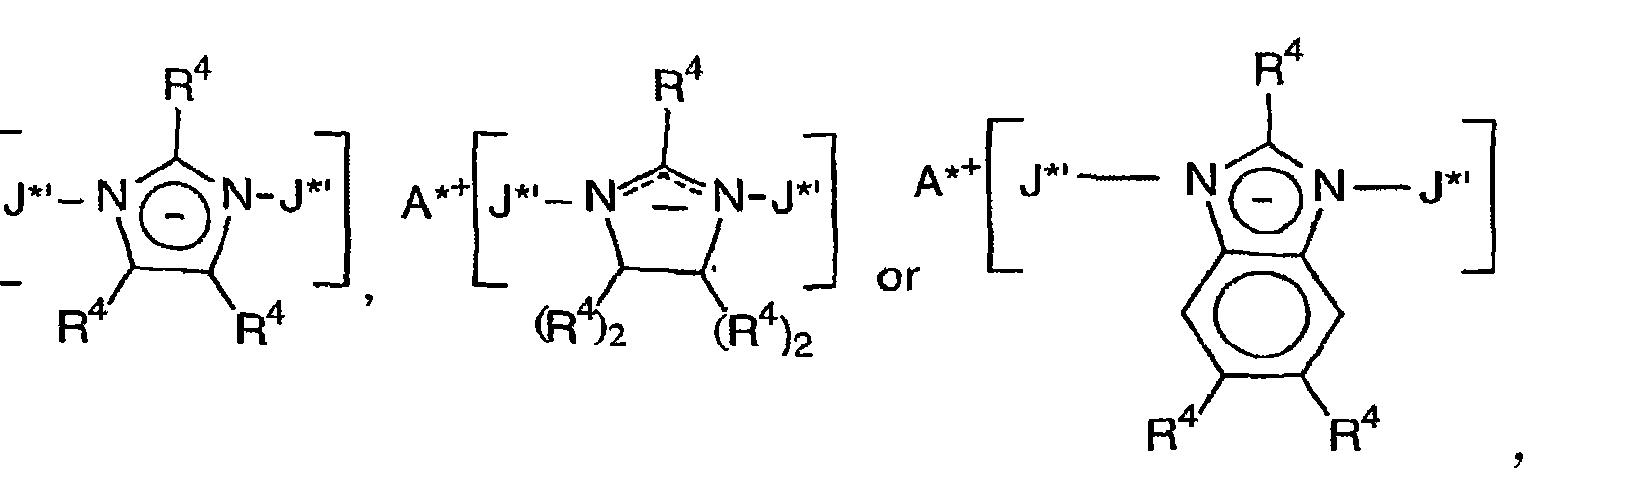 Figure CN101472952BD00071